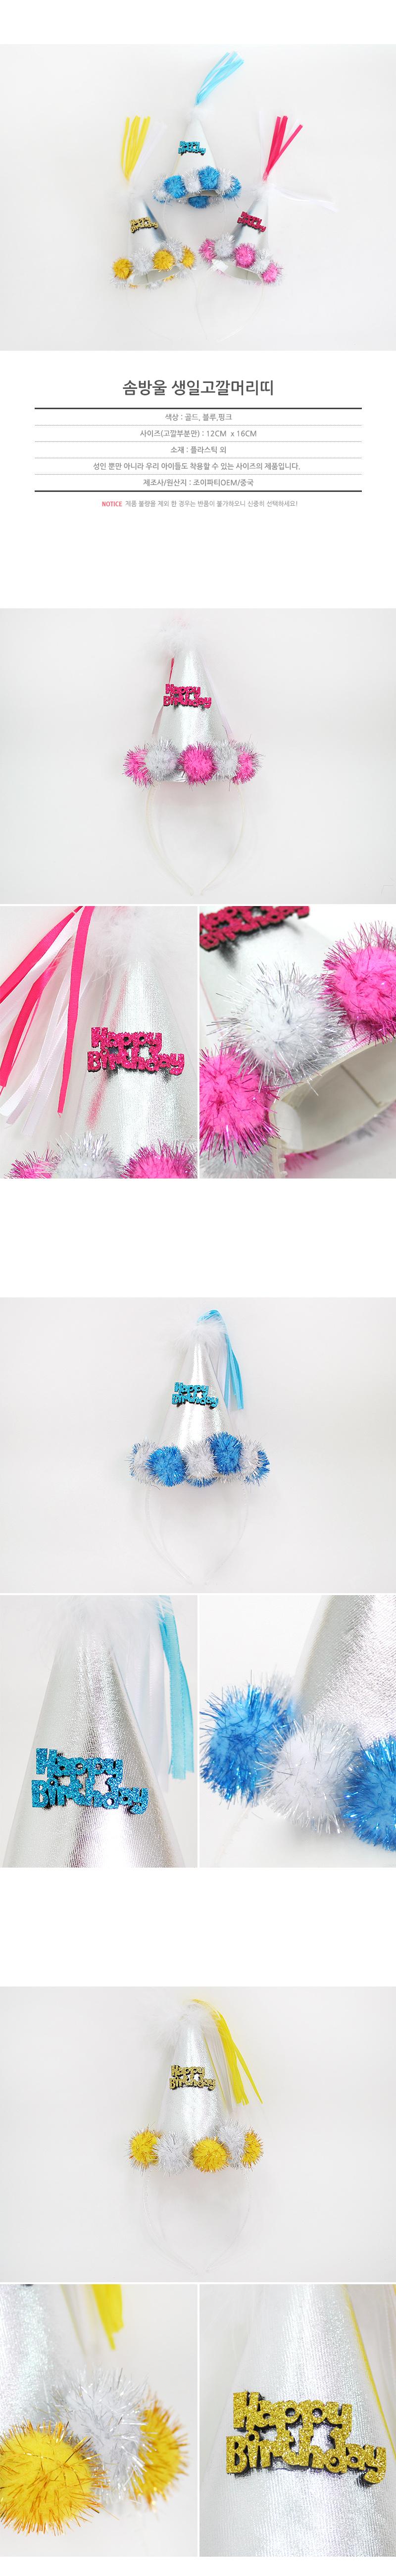 솜방울 생일고깔머리띠 핑크 - 파티마트, 3,500원, 파티의상/잡화, 모자/고깔